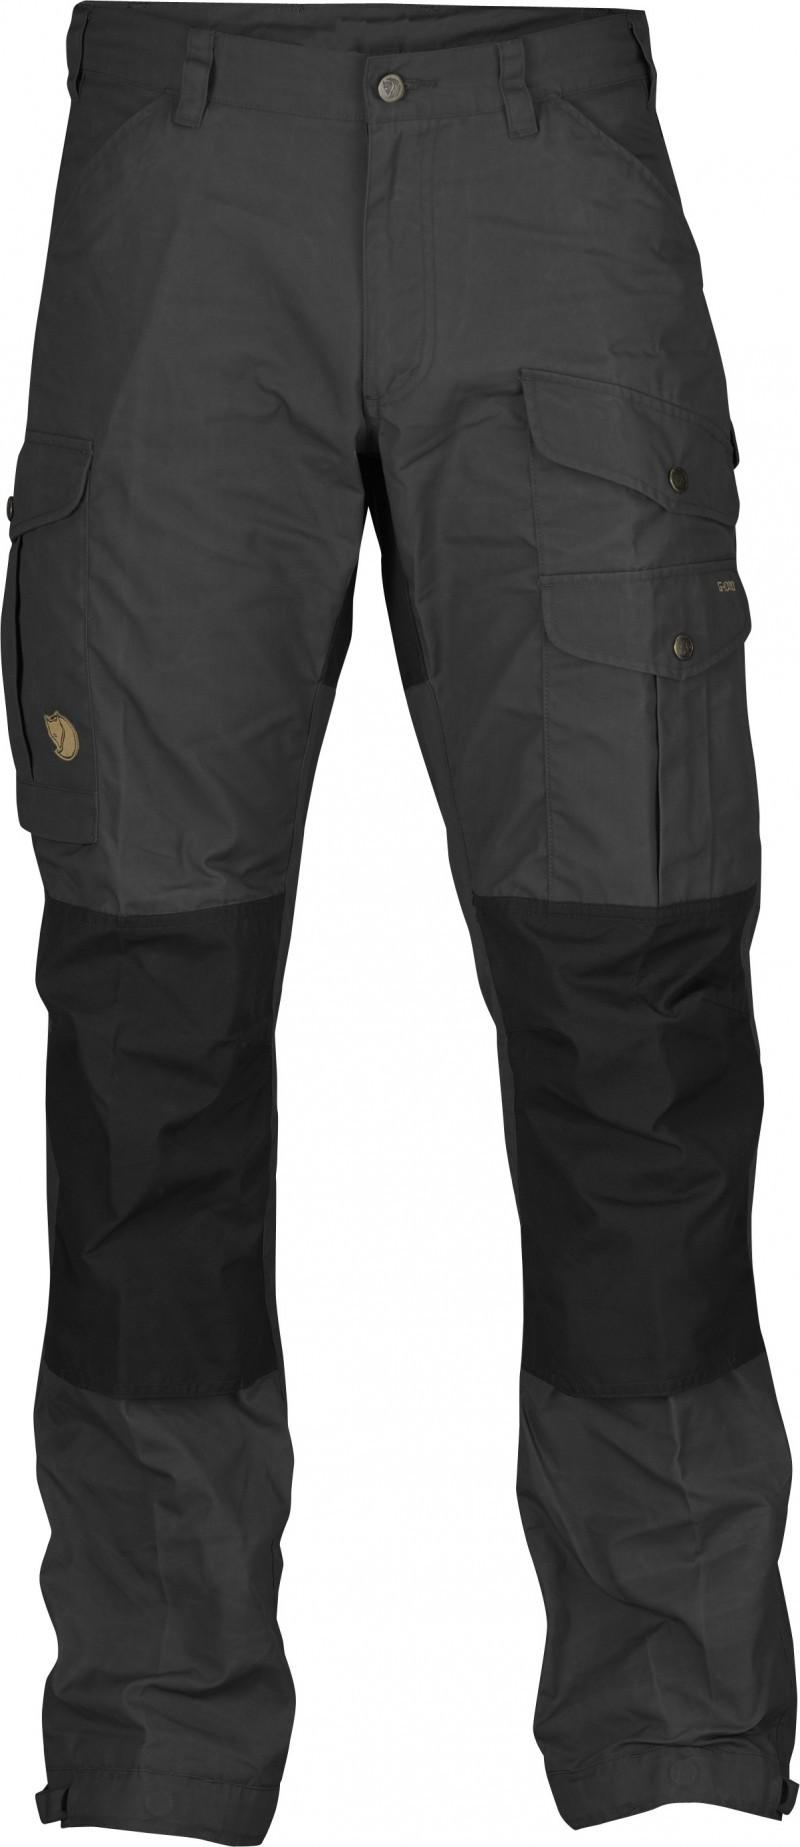 kaufen beste Qualität für retro FjallRaven Montt 3 in 1 Hydratic Jacket Black - au